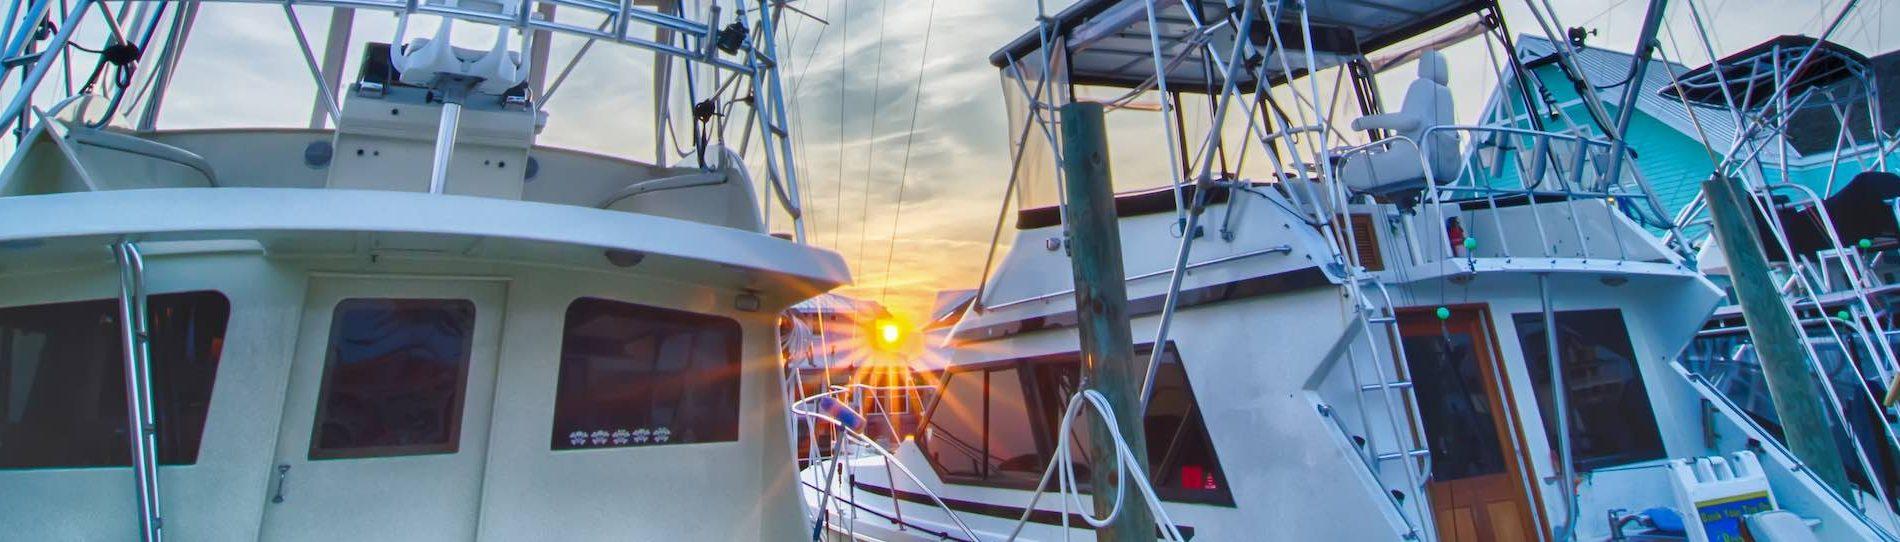 bucks fishing trip boat